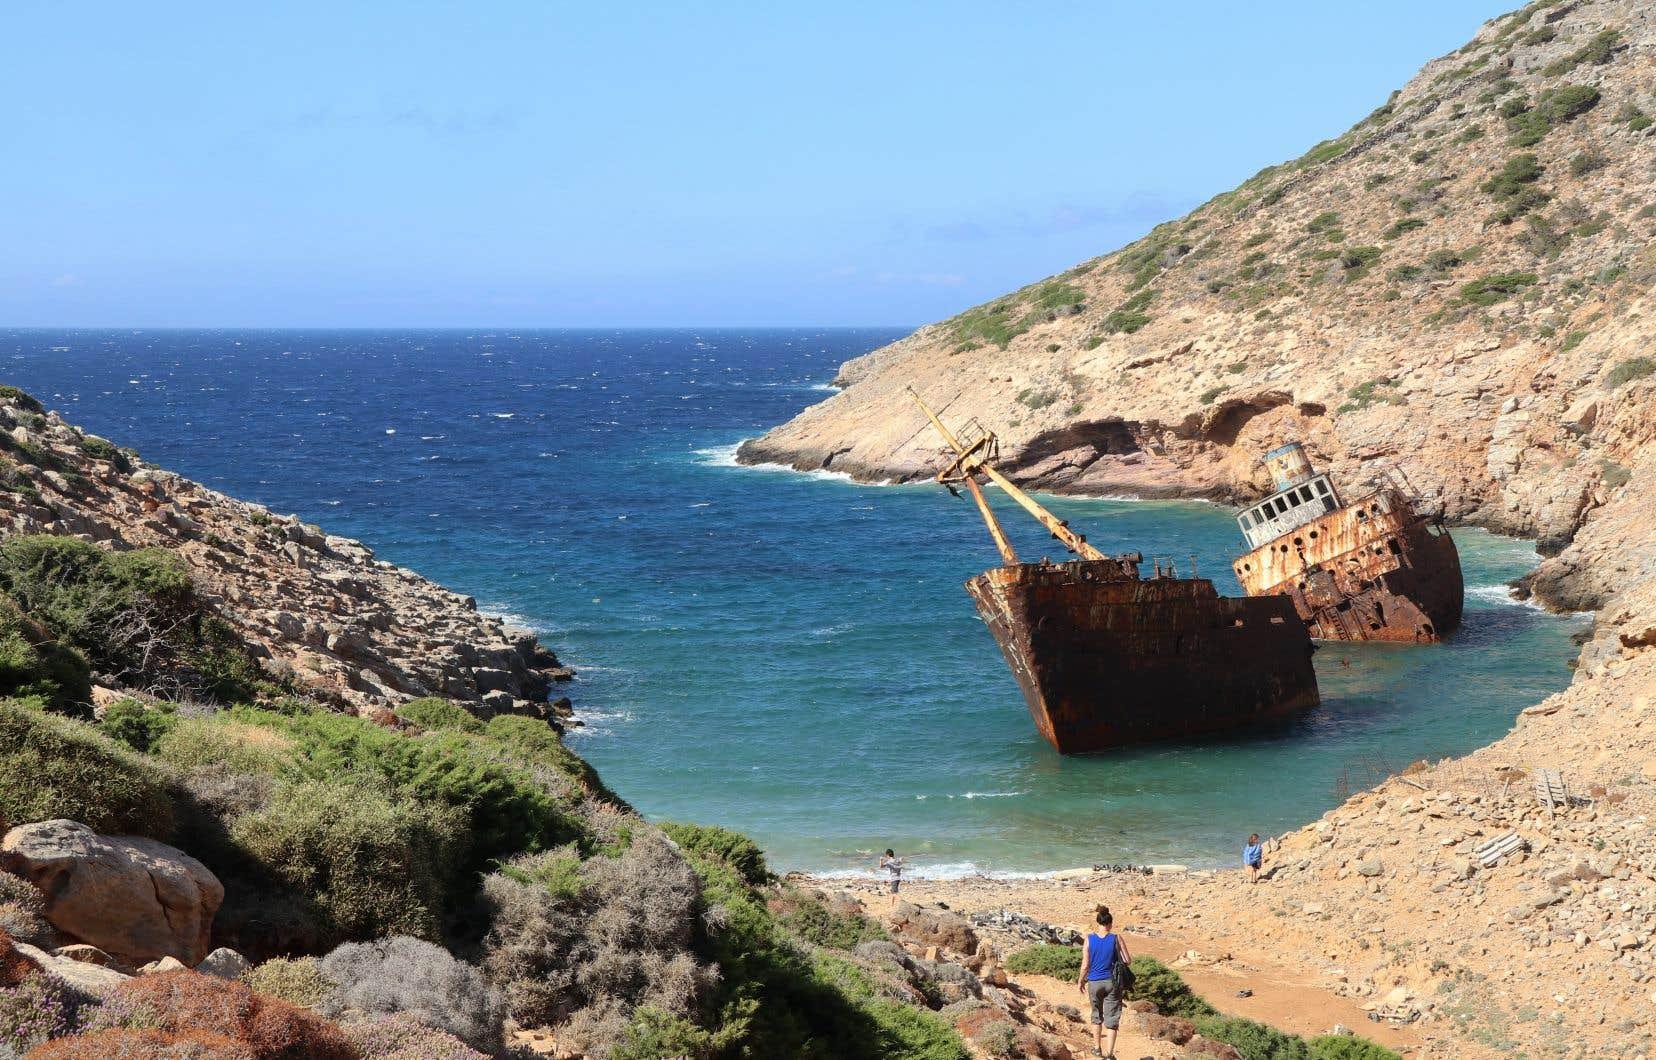 Cassé en deux depuis le tournage du film, l'«Olympia» s'est abîmé en février 1980, un jour de grand vent. Depuis qu'il s'est encastré dans l'île, l'ancien nom de ce navire est réapparu sur la rouille: manifestement, l'«Inland» avait un nom prédestiné.